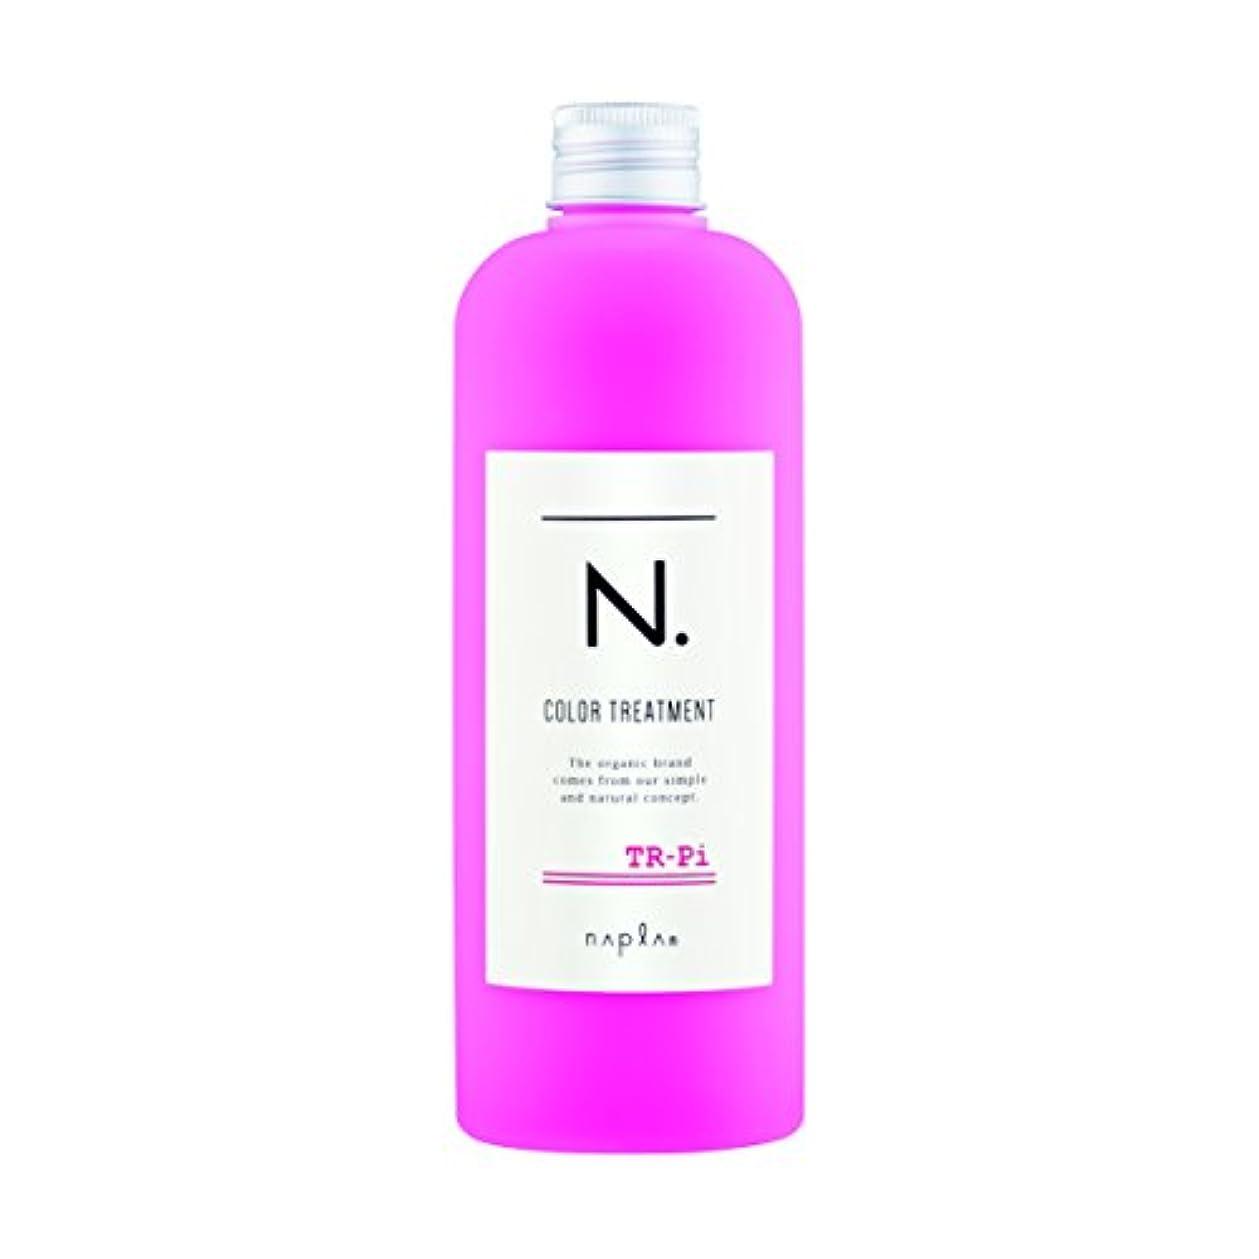 広告主ナチュラナラーバー【ナプラ】N. カラートリートメント Pi ピンク 300g